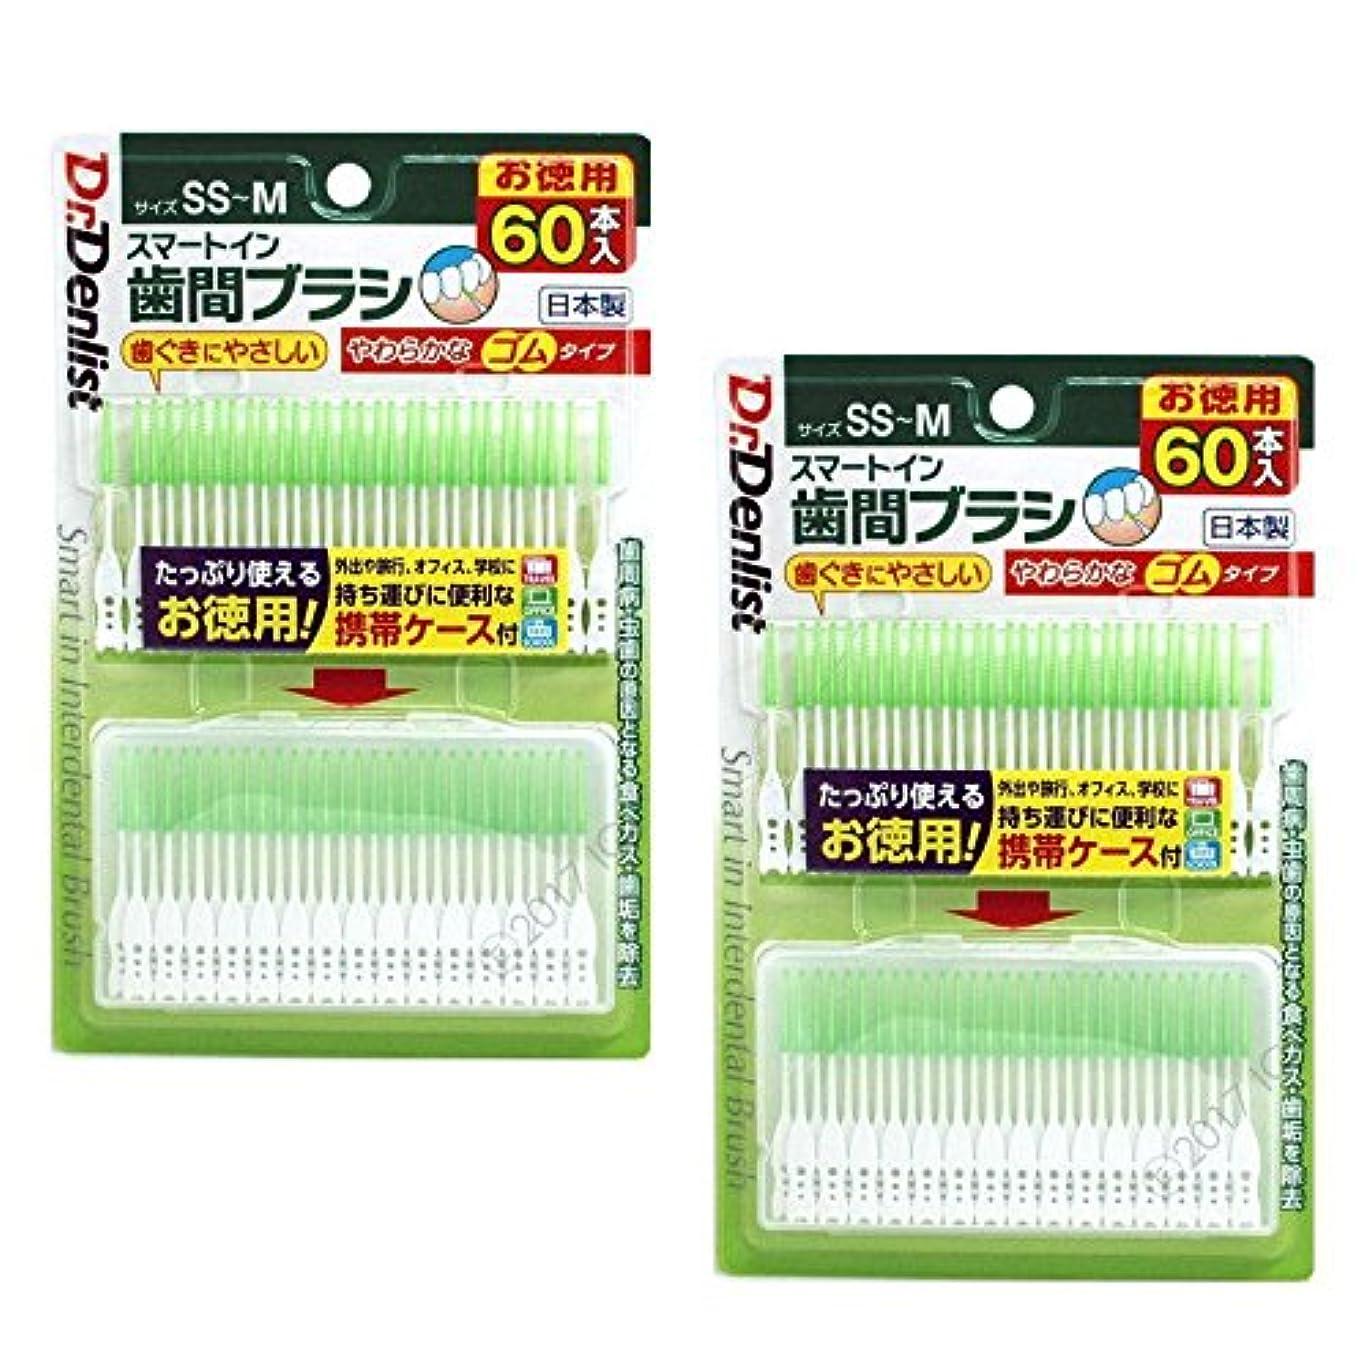 役に立たないセレナこどもの宮殿歯間ブラシ スマートイン 60本×2個(計120本) お徳用 やわらかなゴムタイプ